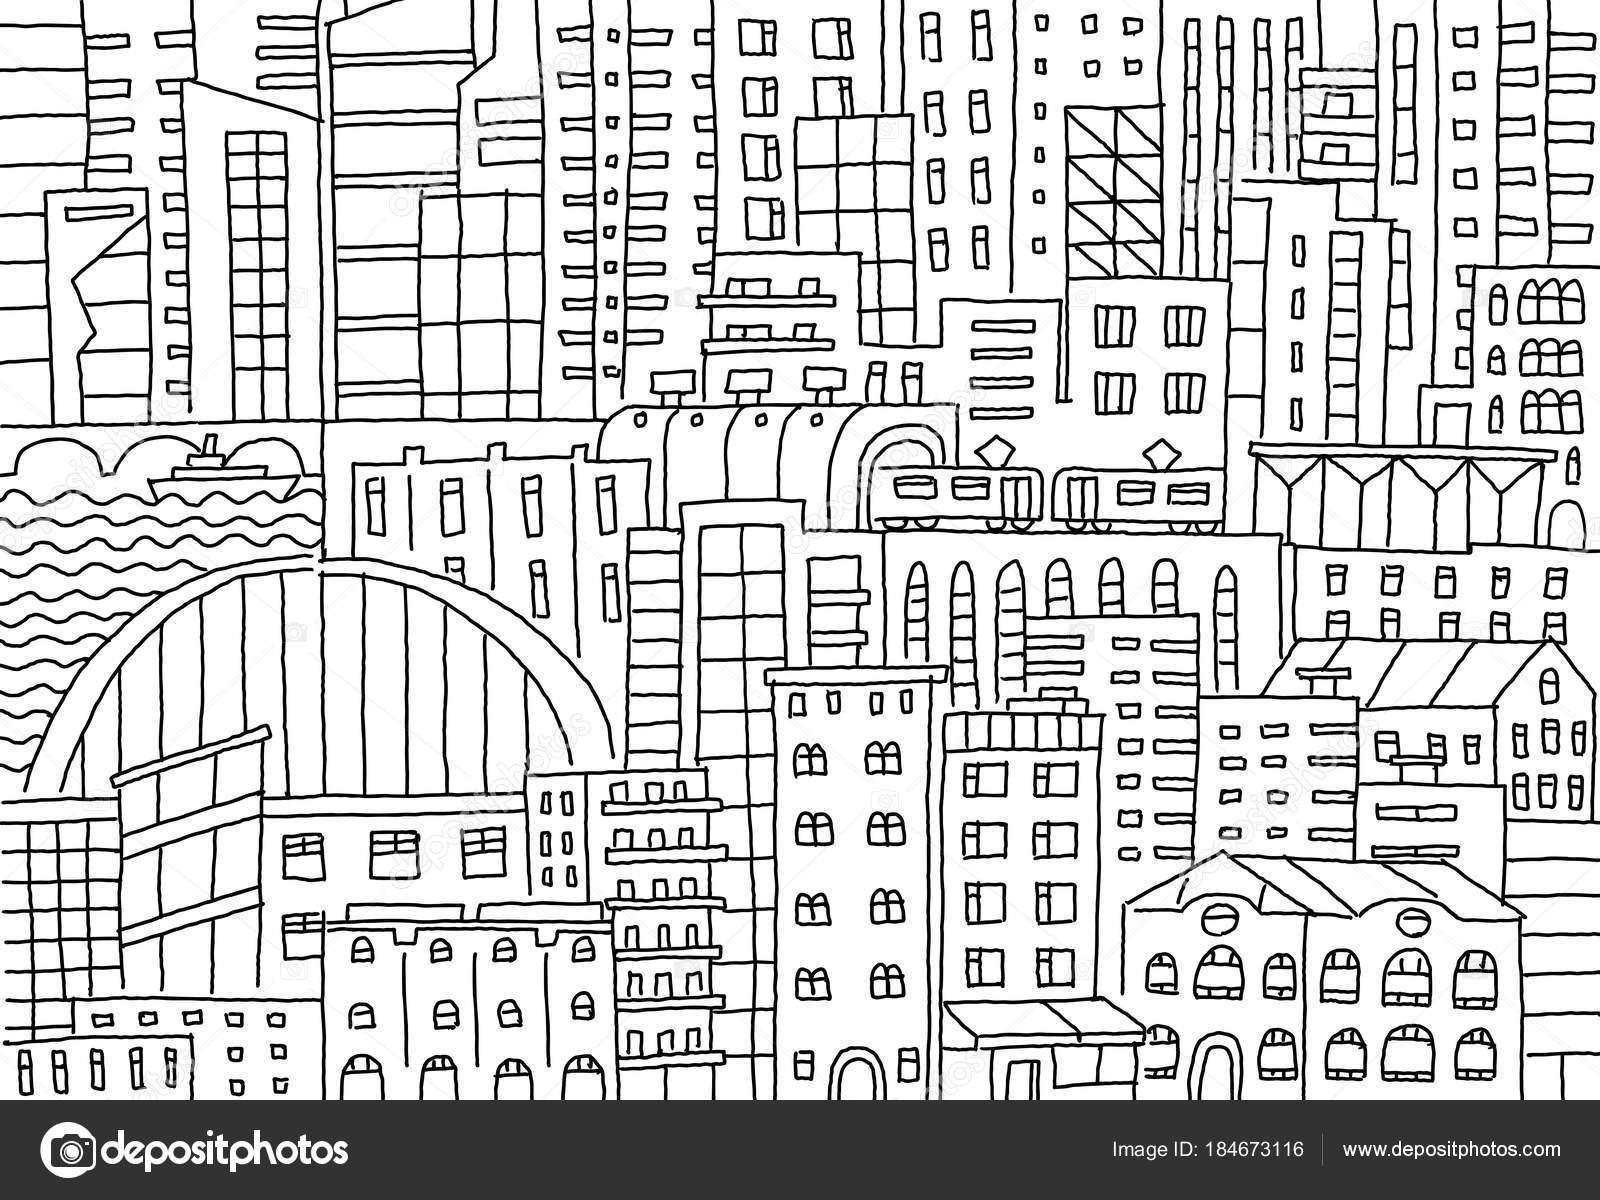 Rascacielos de textura de fondo de gran ciudad bosquejo edificios ...